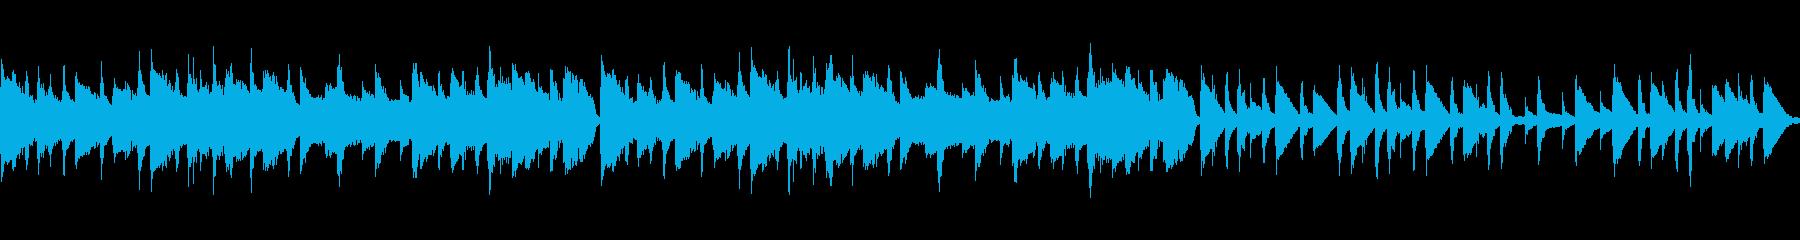 ゆったりと落ち着いたマリンバ童謡カバーの再生済みの波形